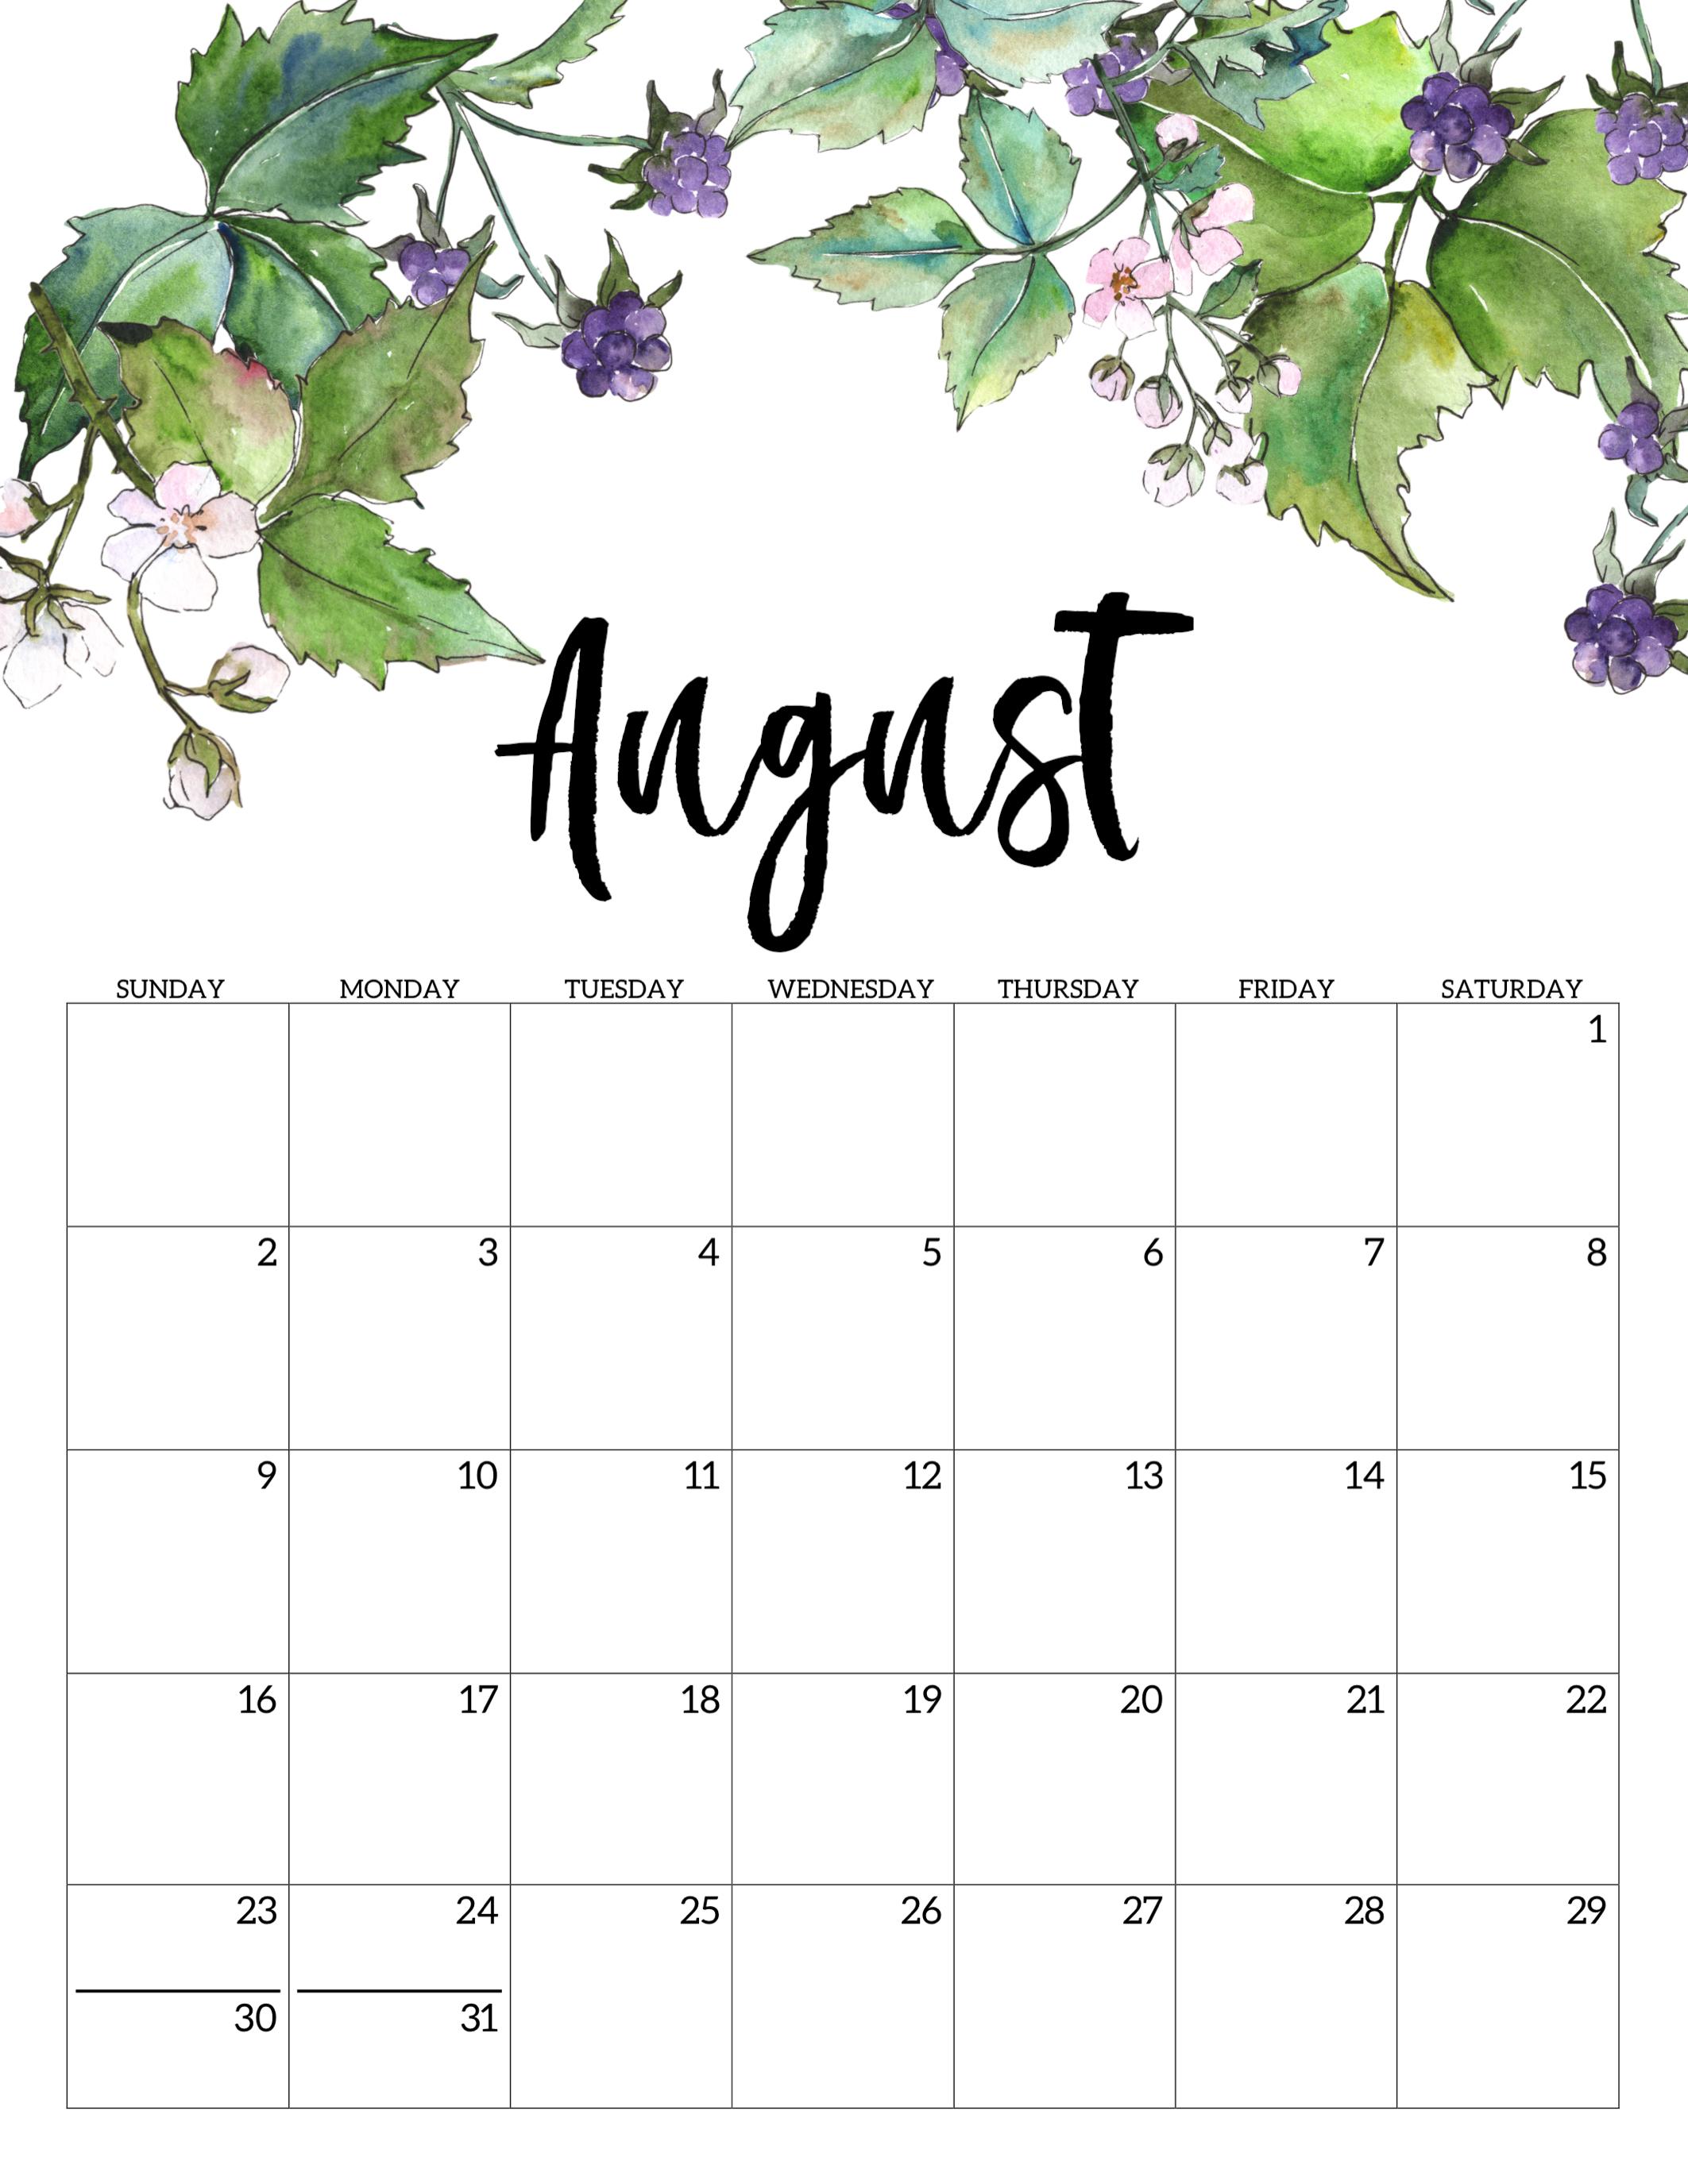 July Calendar For 2020.2020 Free Printable Calendar Floral Paper Trail Design